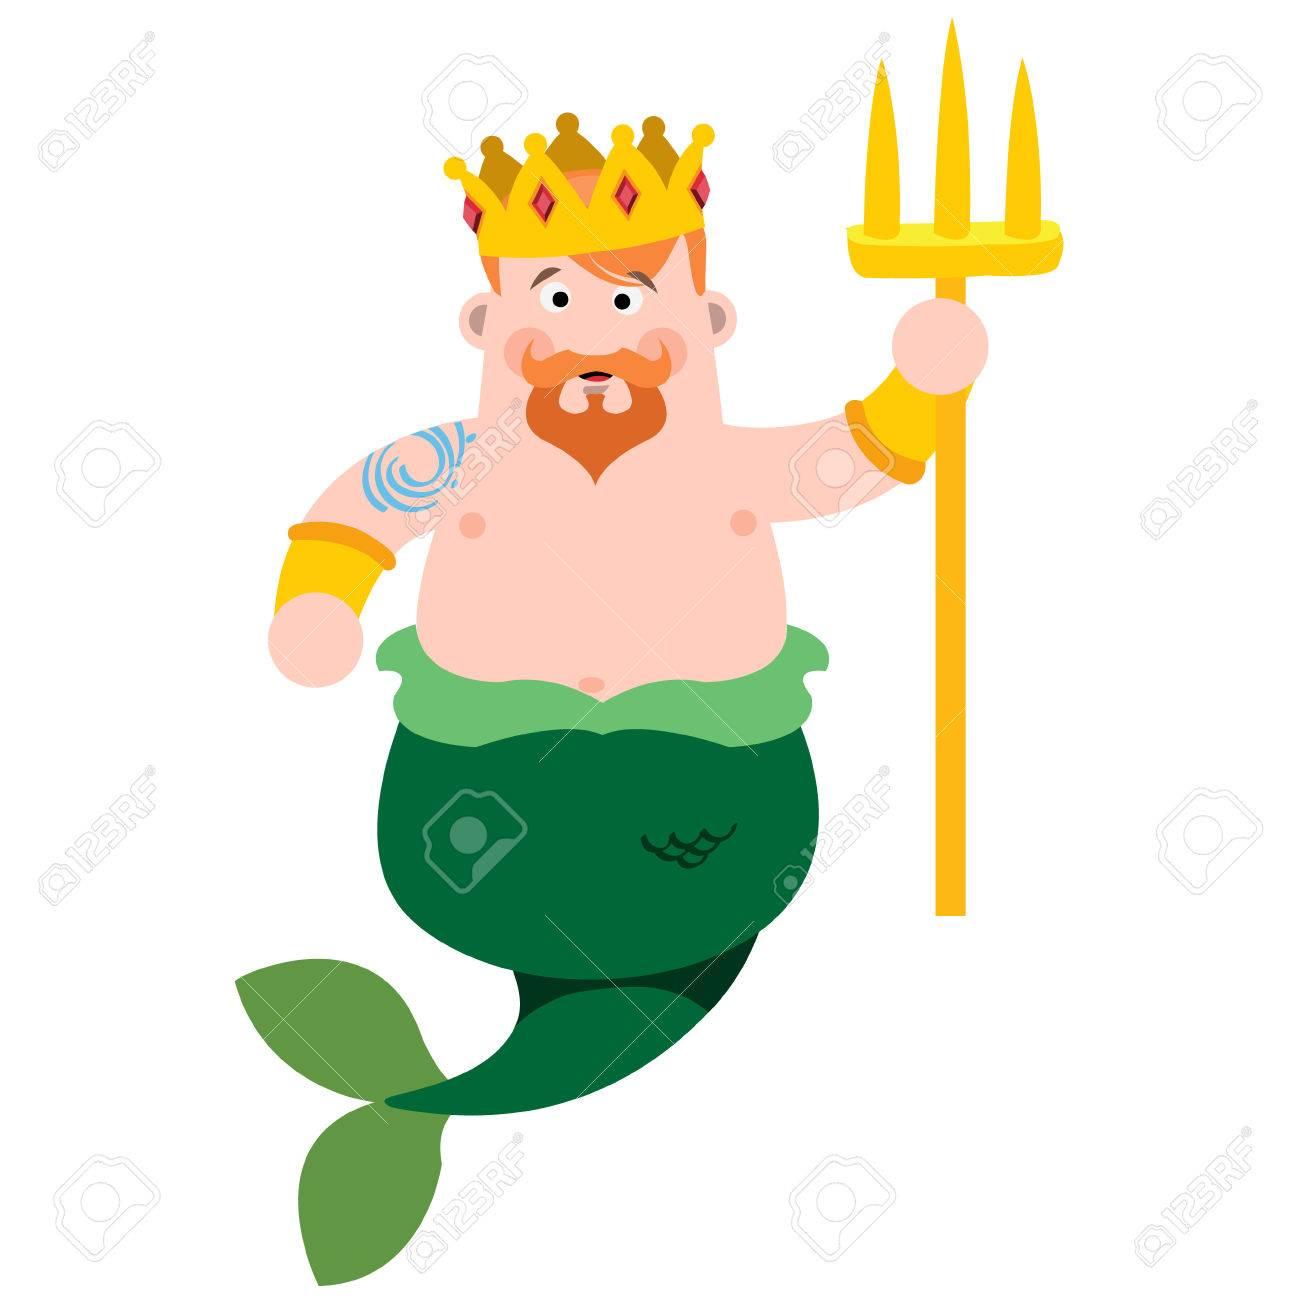 Vettoriale Nettuno Il Personaggio Dei Cartoni Animati è Il Re Del